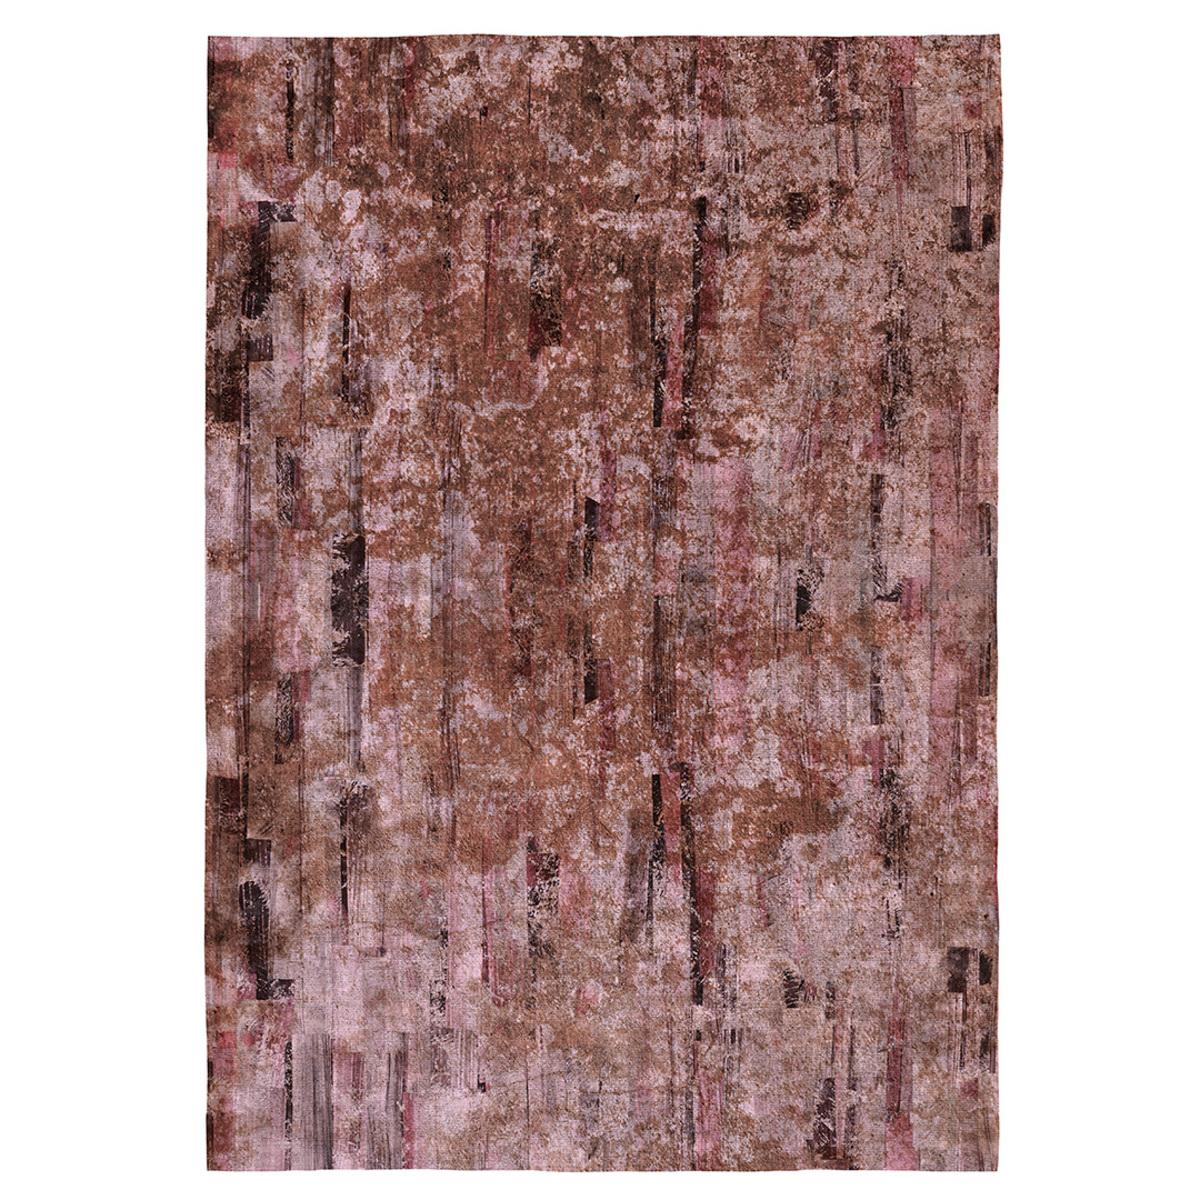 Tapis décoratif modern en coton imprimé marron 120x170 cm